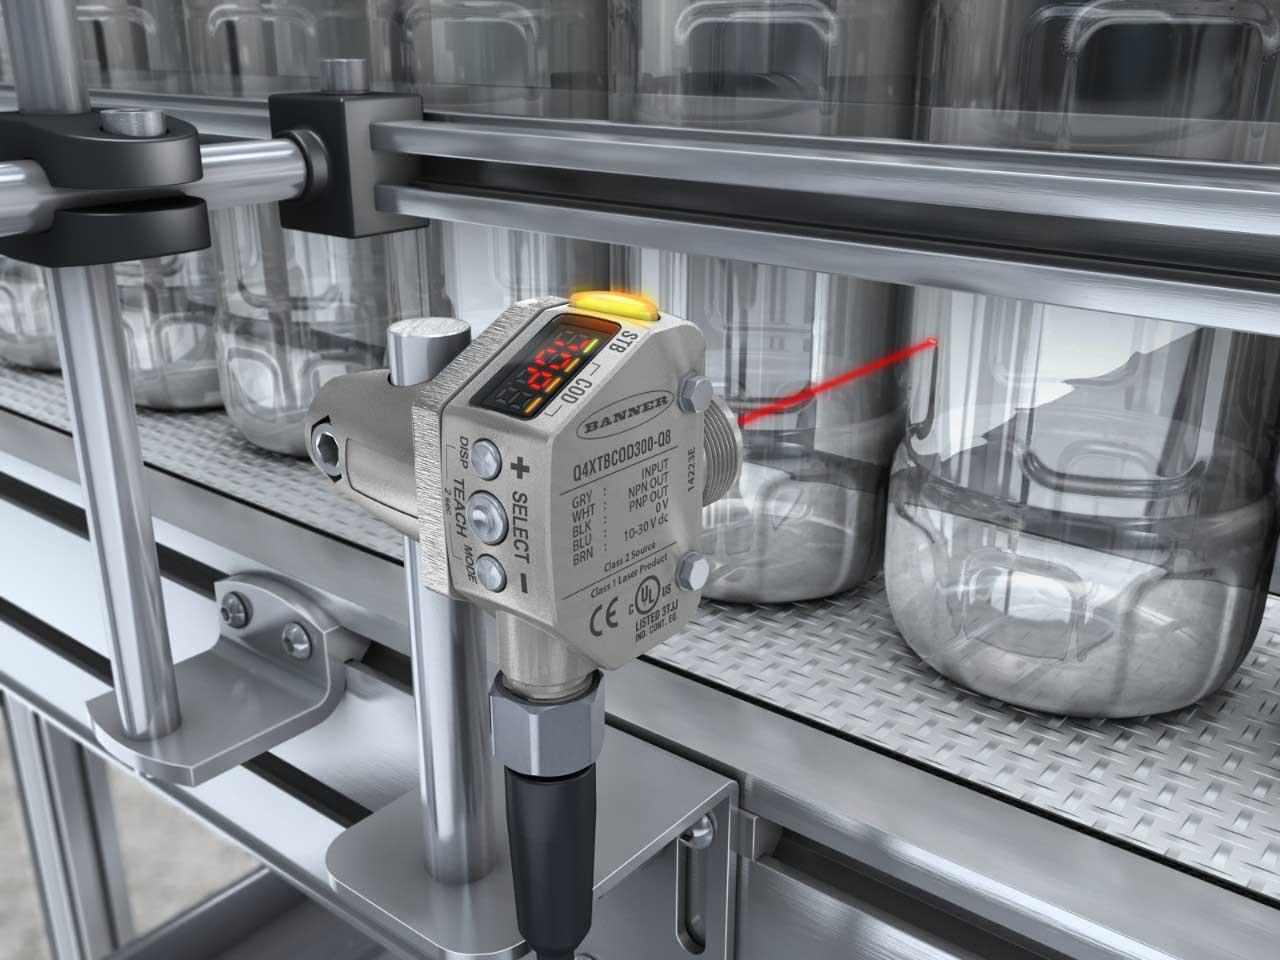 Q4X laser sensor and clear bottles